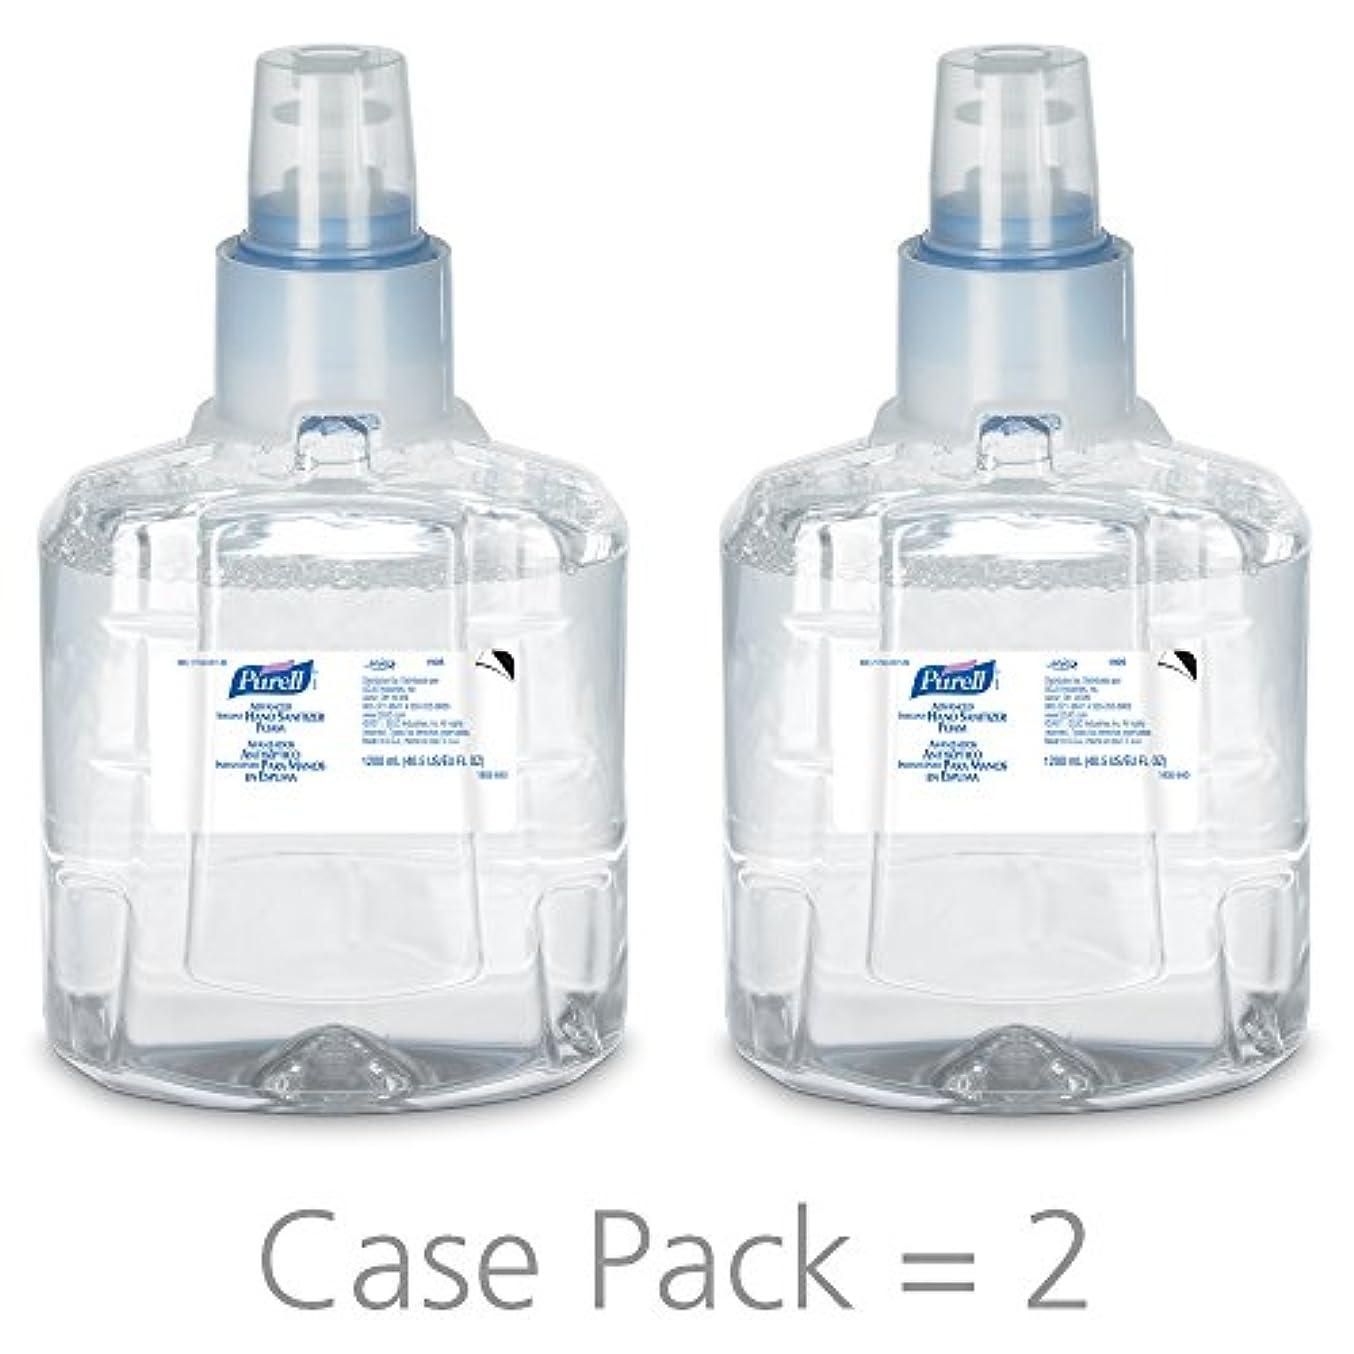 女優サロンしみPURELL 1905-02 1200 mL Advanced Hand Sanitizer Foam, LTX-12 Refill (Pack of 2) by Purell